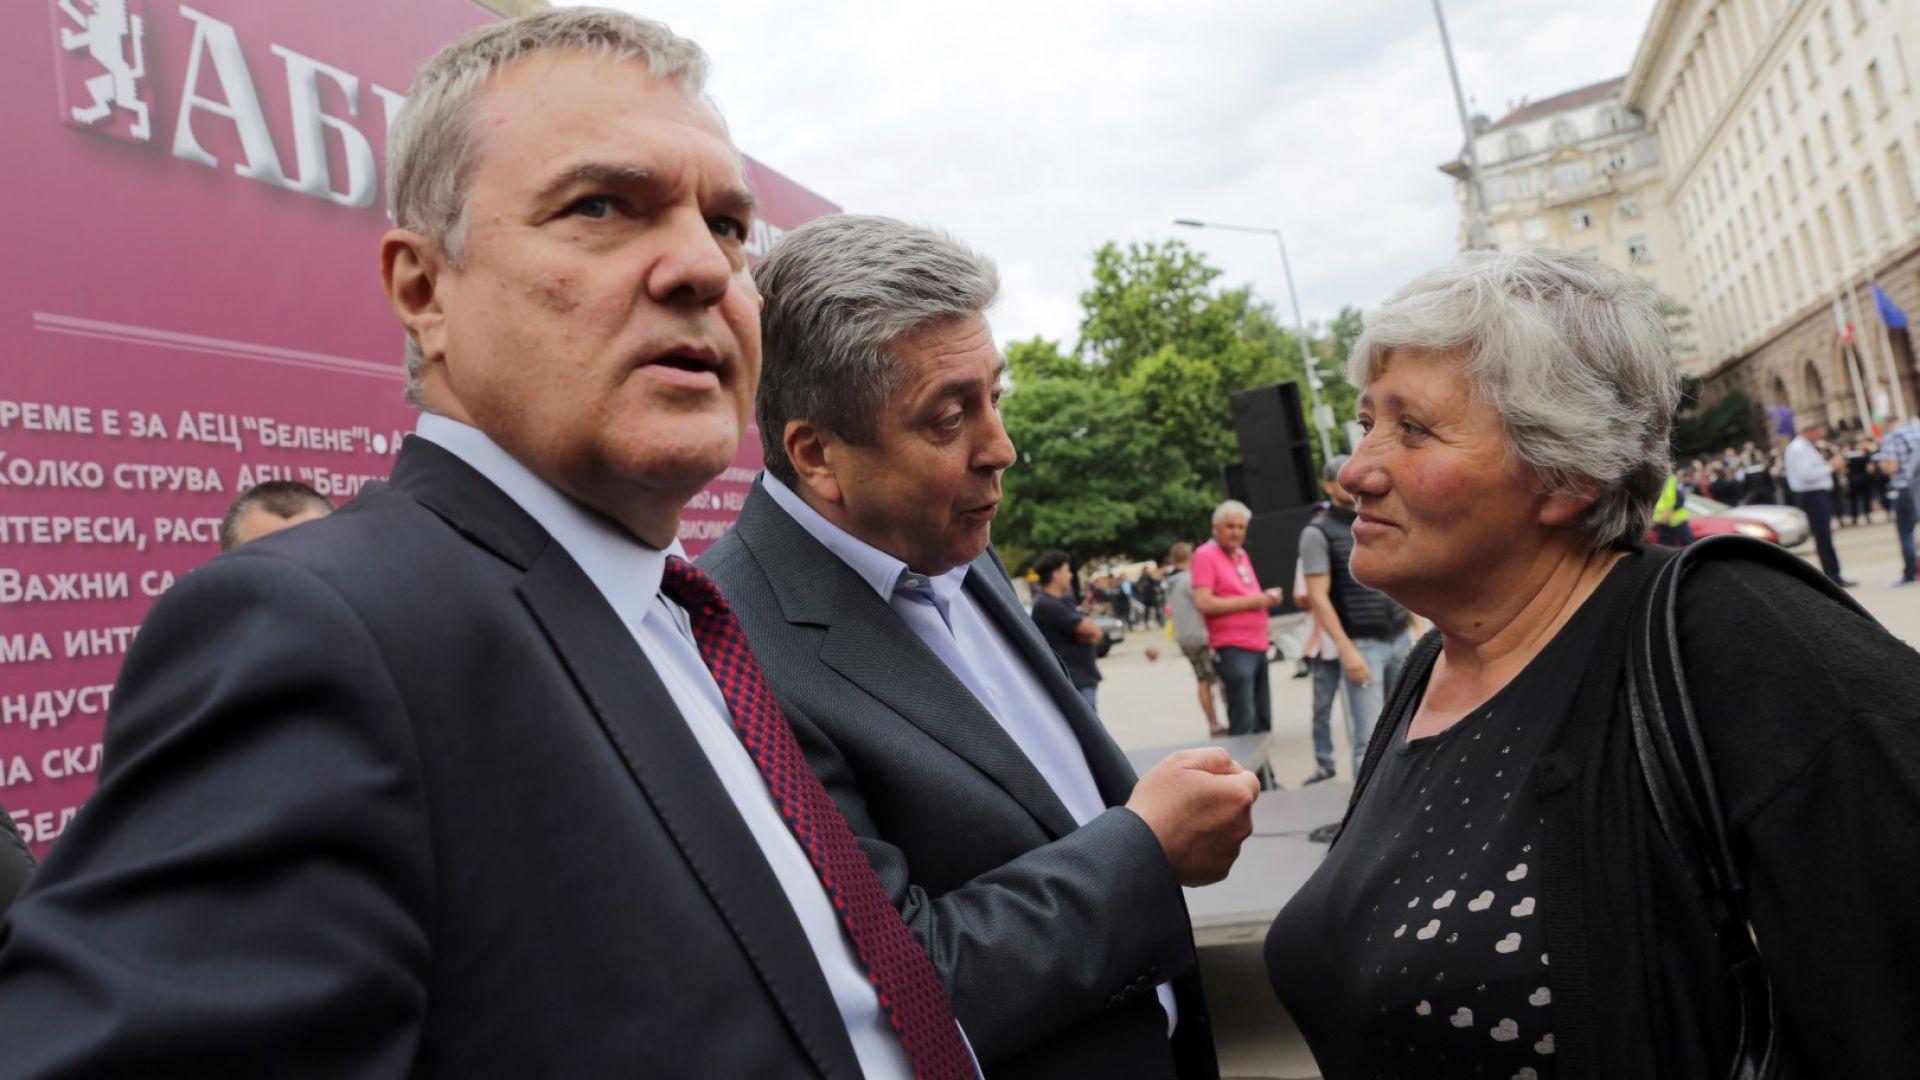 АБВ: Кабинетът да реагилизира големия шлем на Първанов